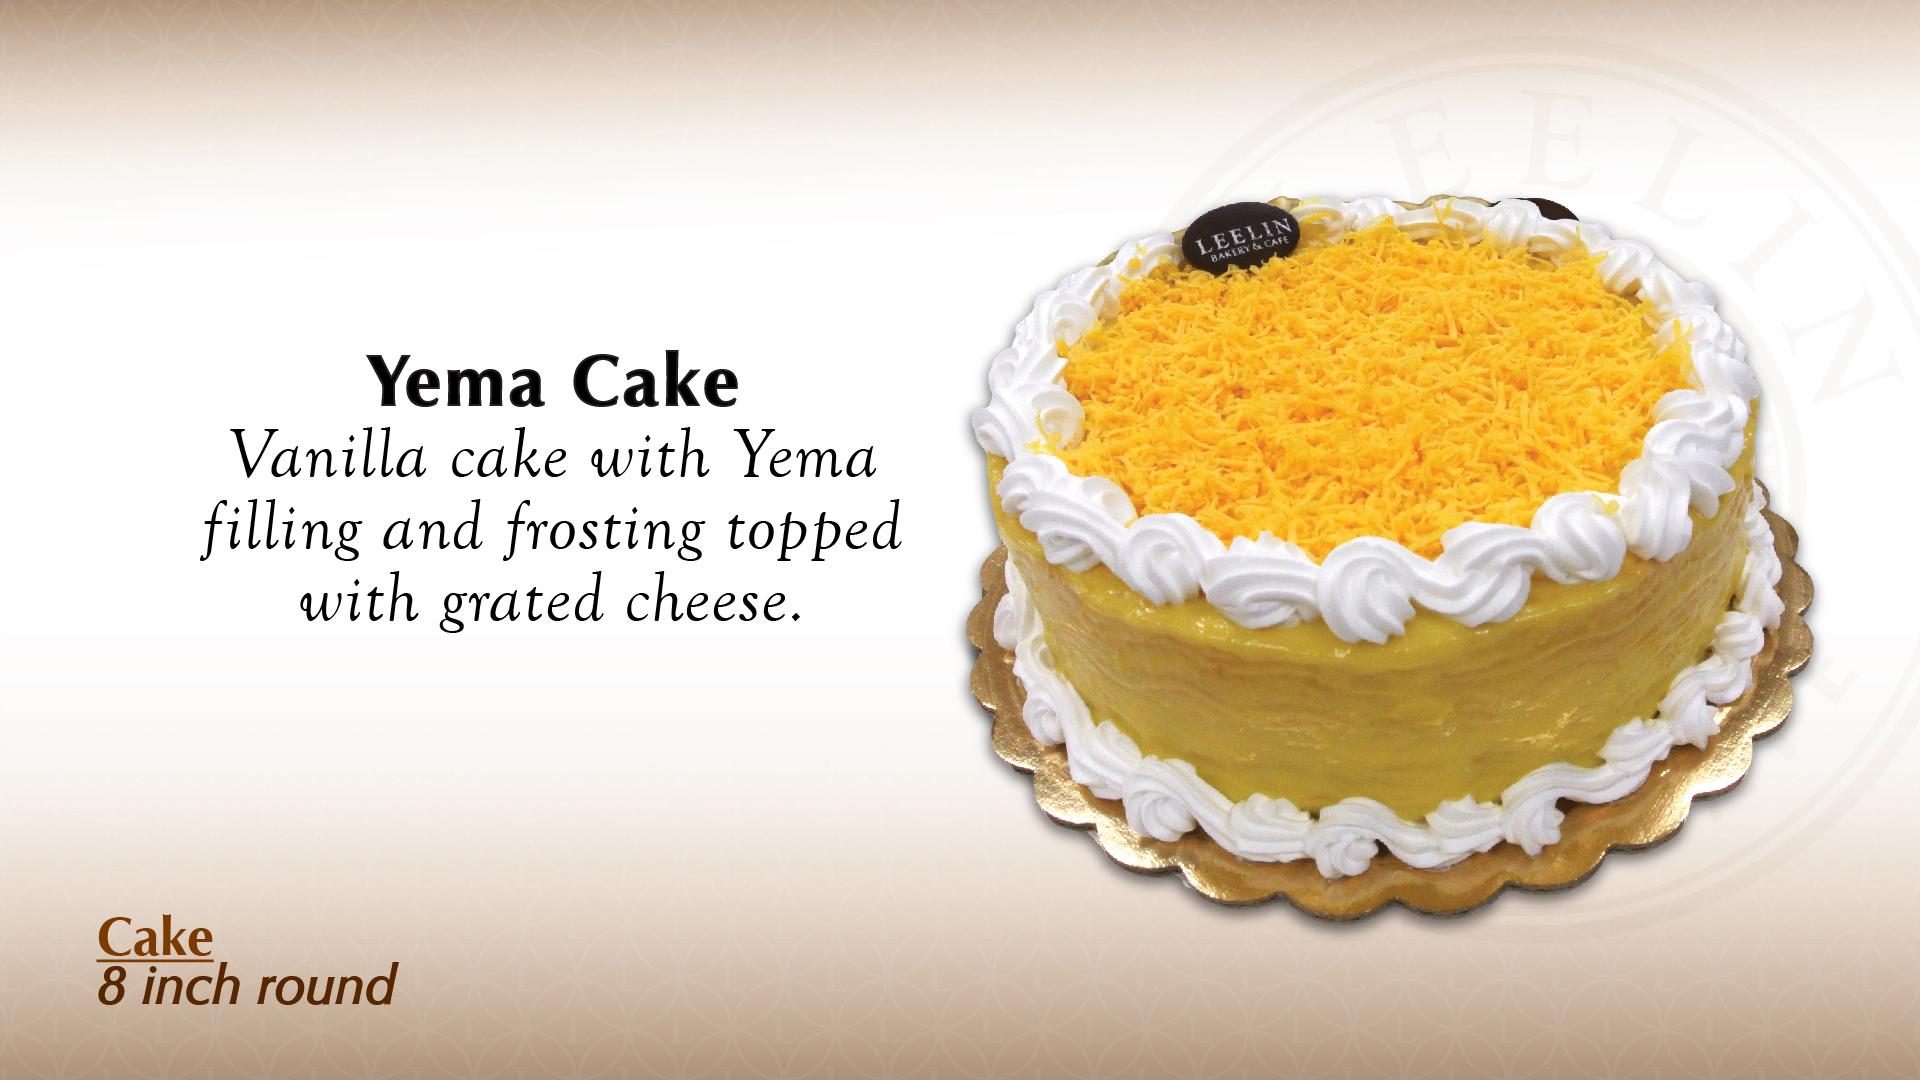 031 Yema Cake 1920x1080.jpg